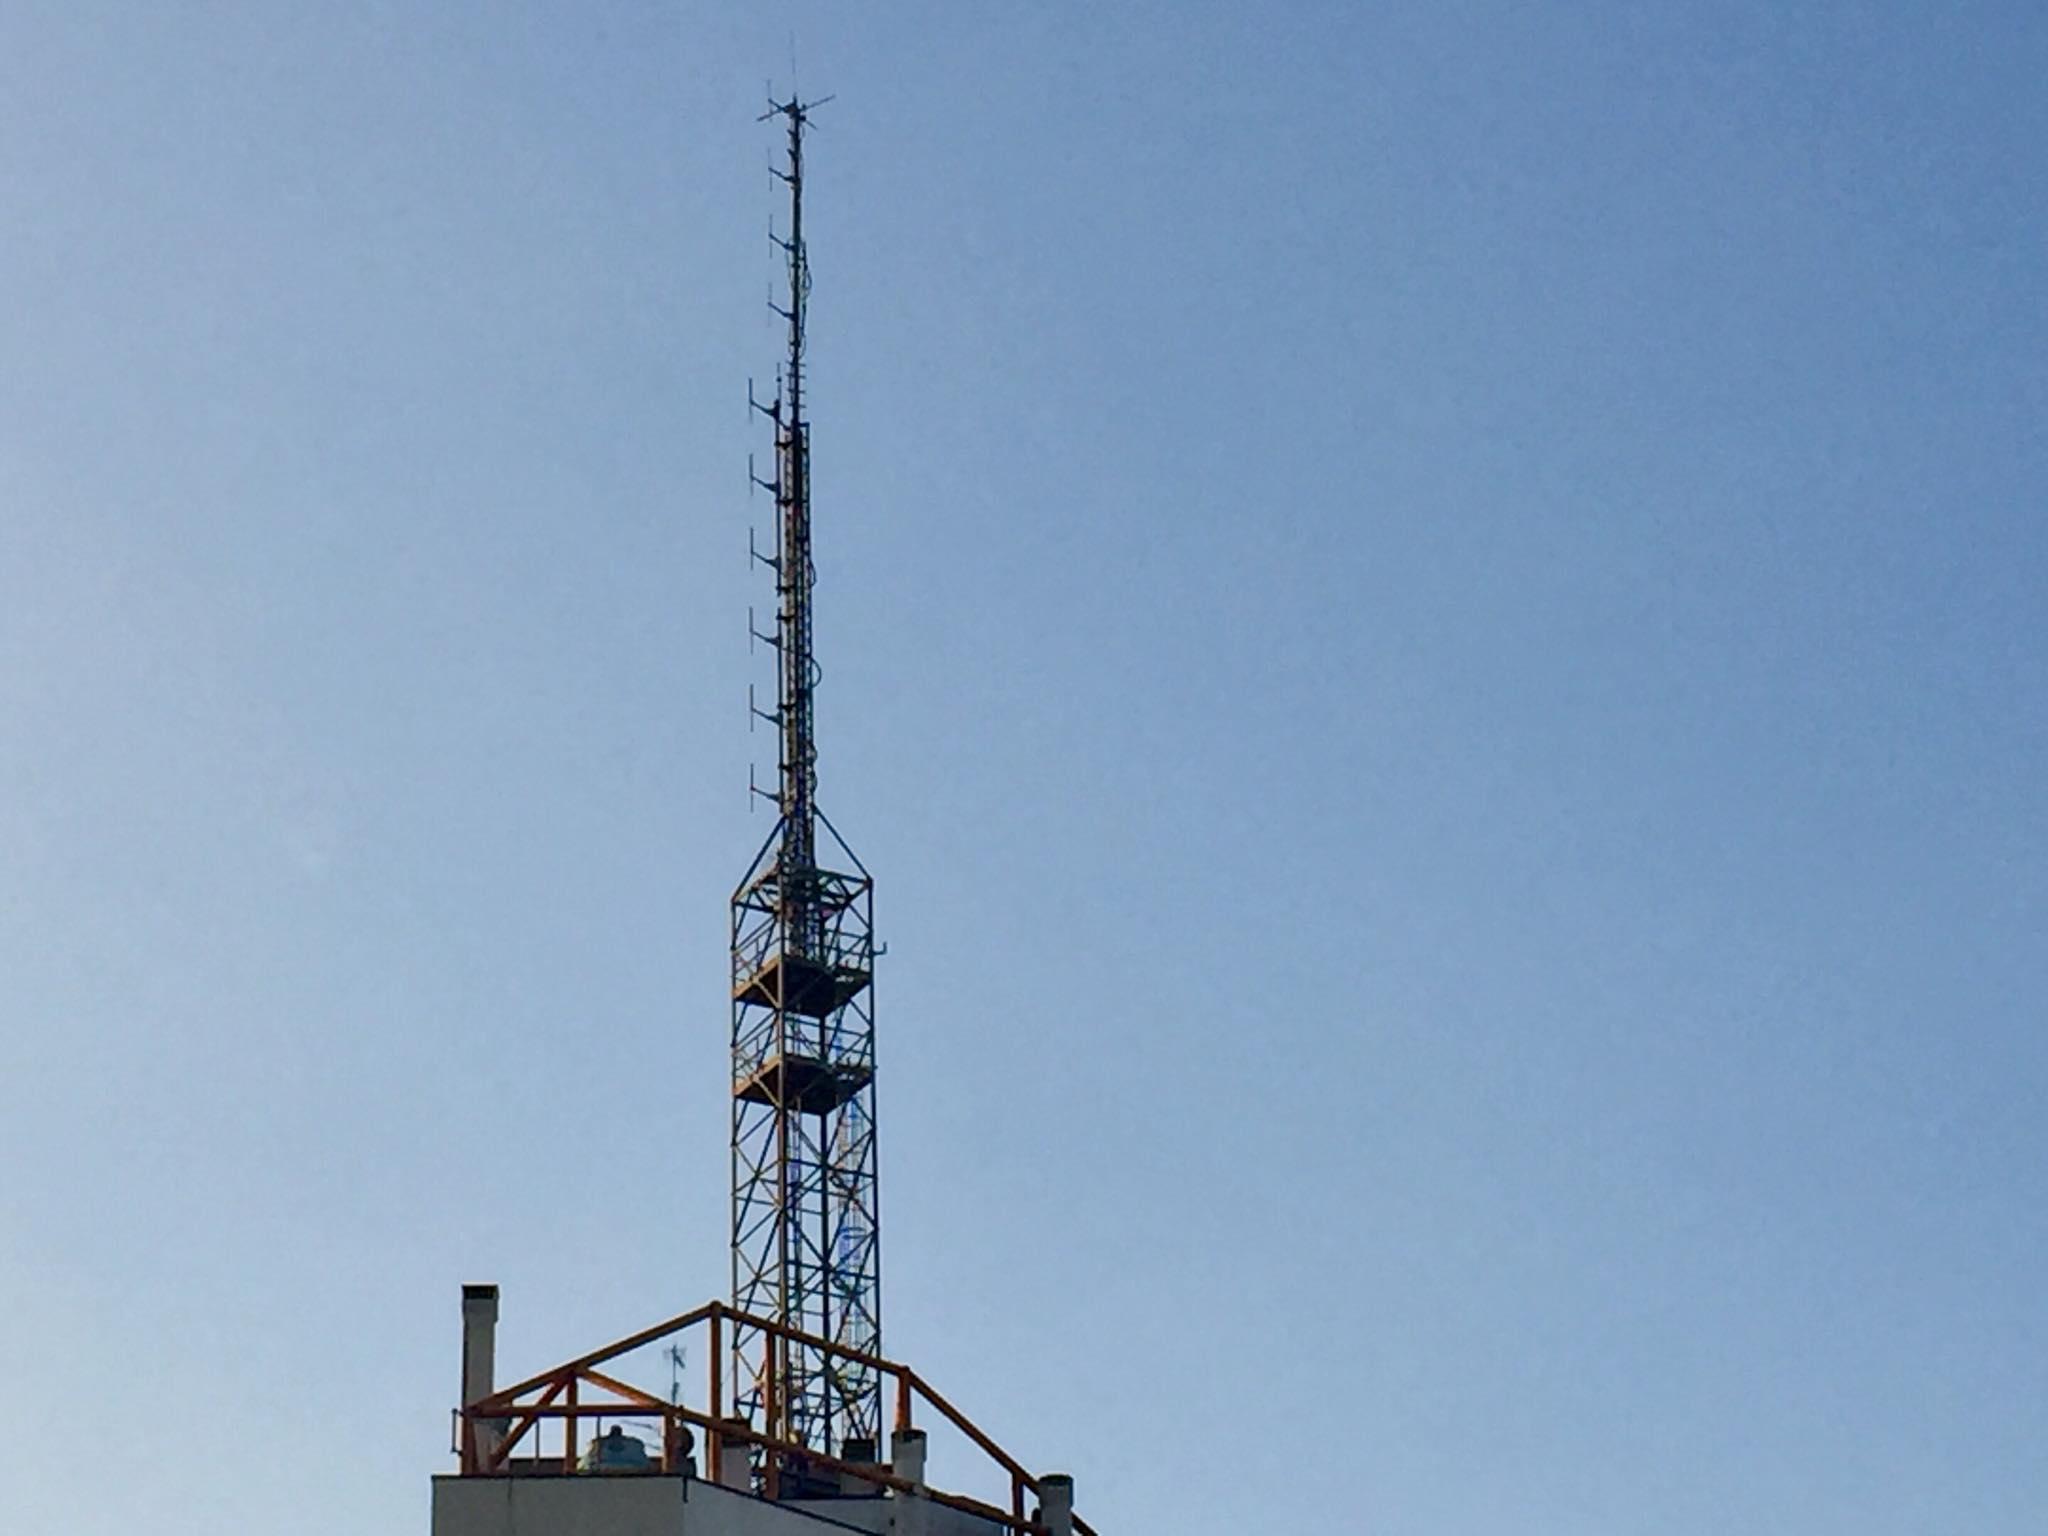 antenna FM Via Valenza Milano - Radio, ascolti e pubblicità. Dopo la bocciatura del 1° trimestre il mercato guarda avanti